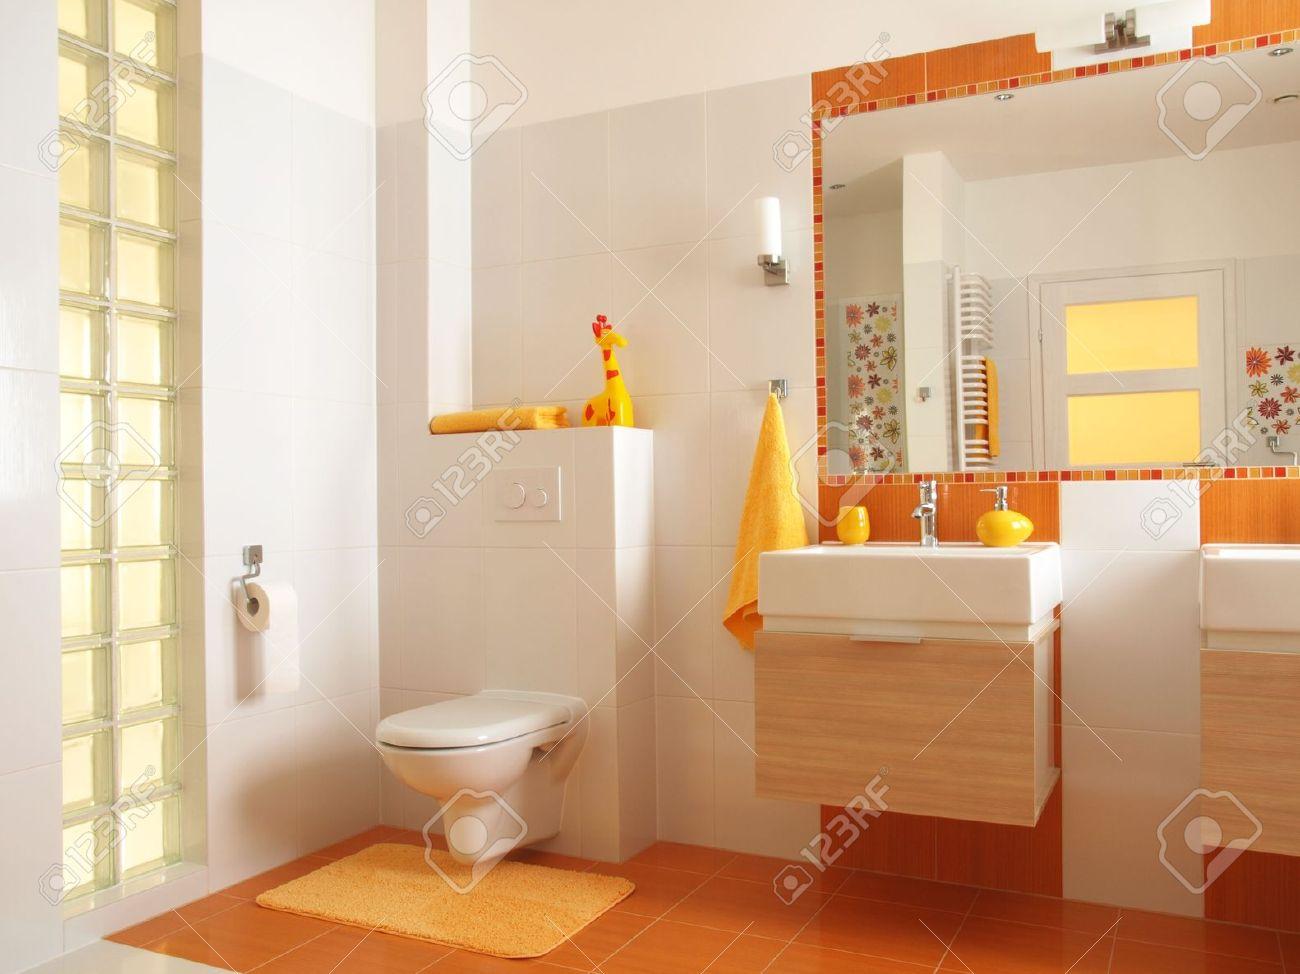 decorazioni per piastrelle bagno ~ Comarg.com = Interior Design ed ...